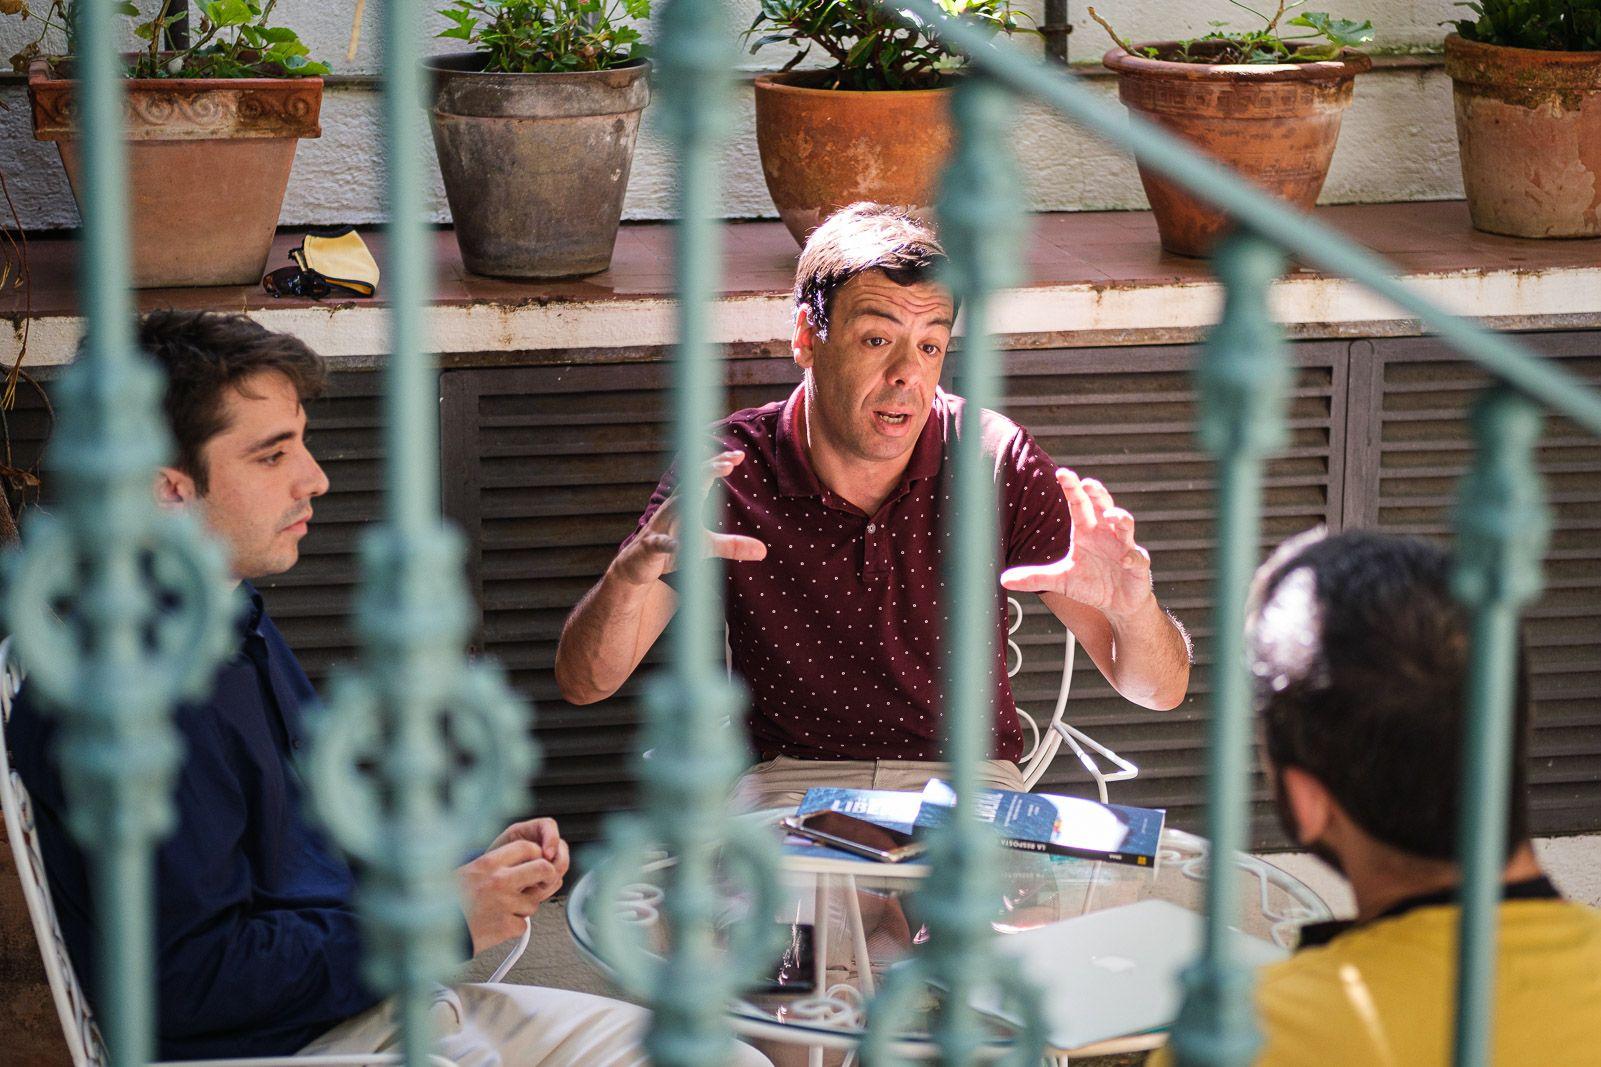 Jiménez-Mausbach i Herrera creuen que el comerç fa que la gent s'entengui (JORDI BORRÀS)